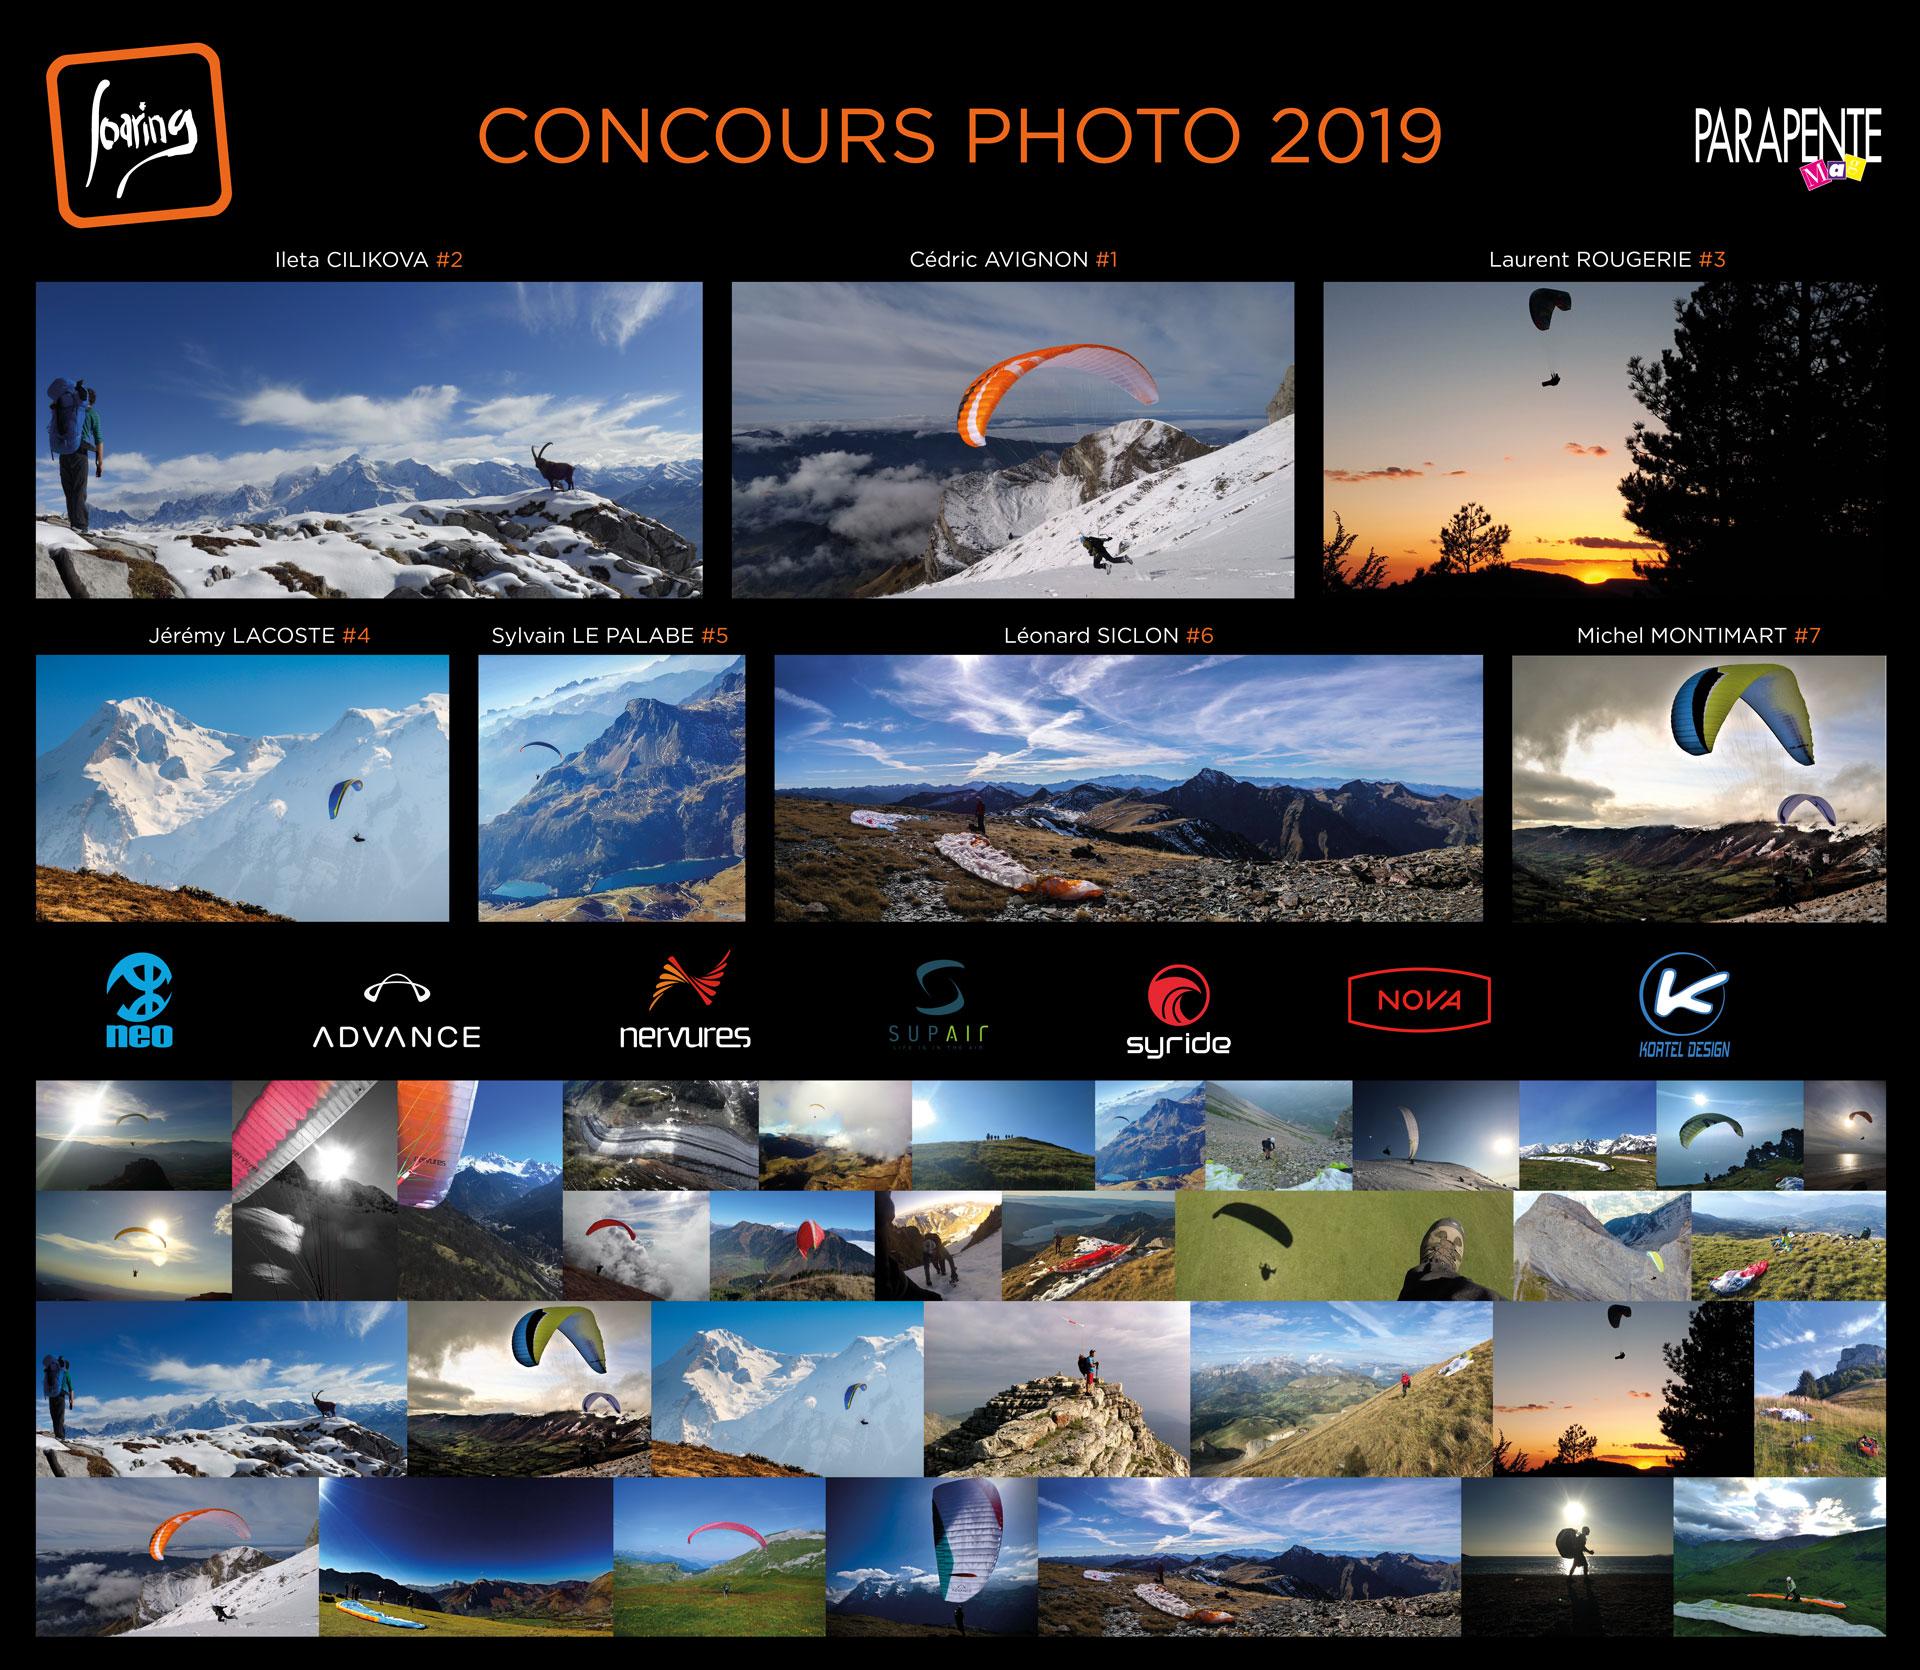 Poster du concours photo SOARING 2019 avec le palmarès